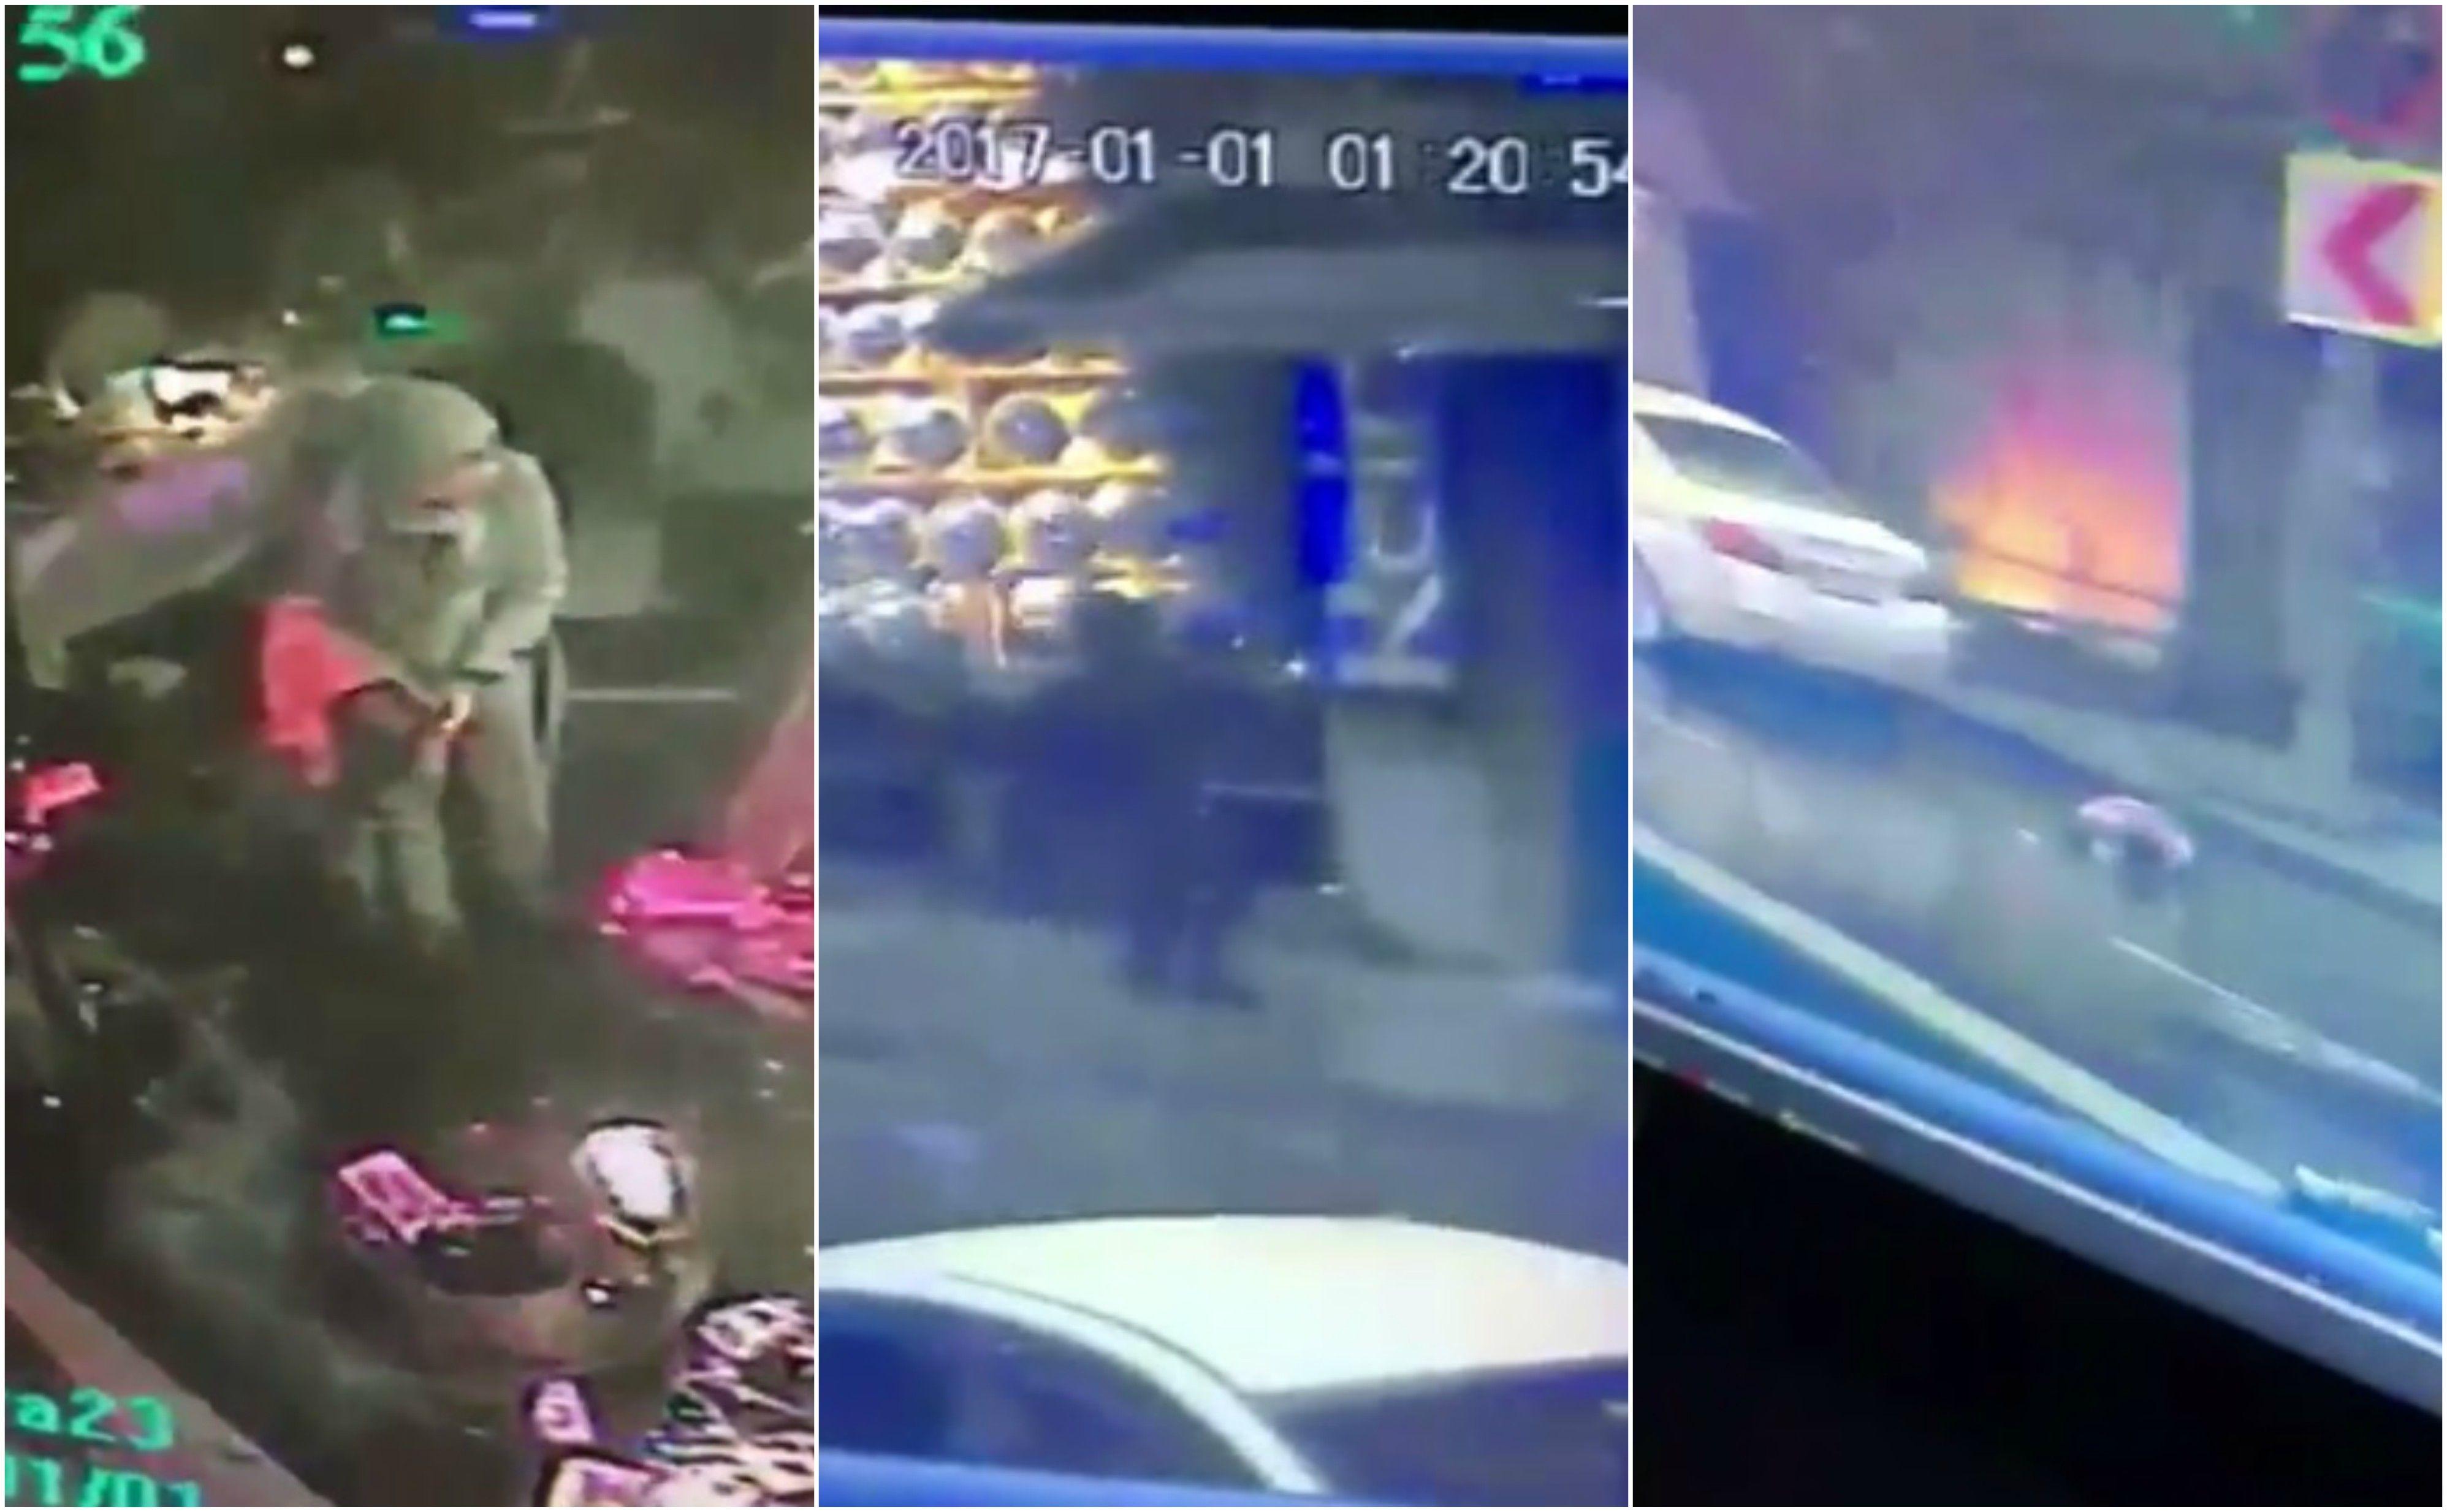 Imágenes tomadas por las cámaras de seguridad